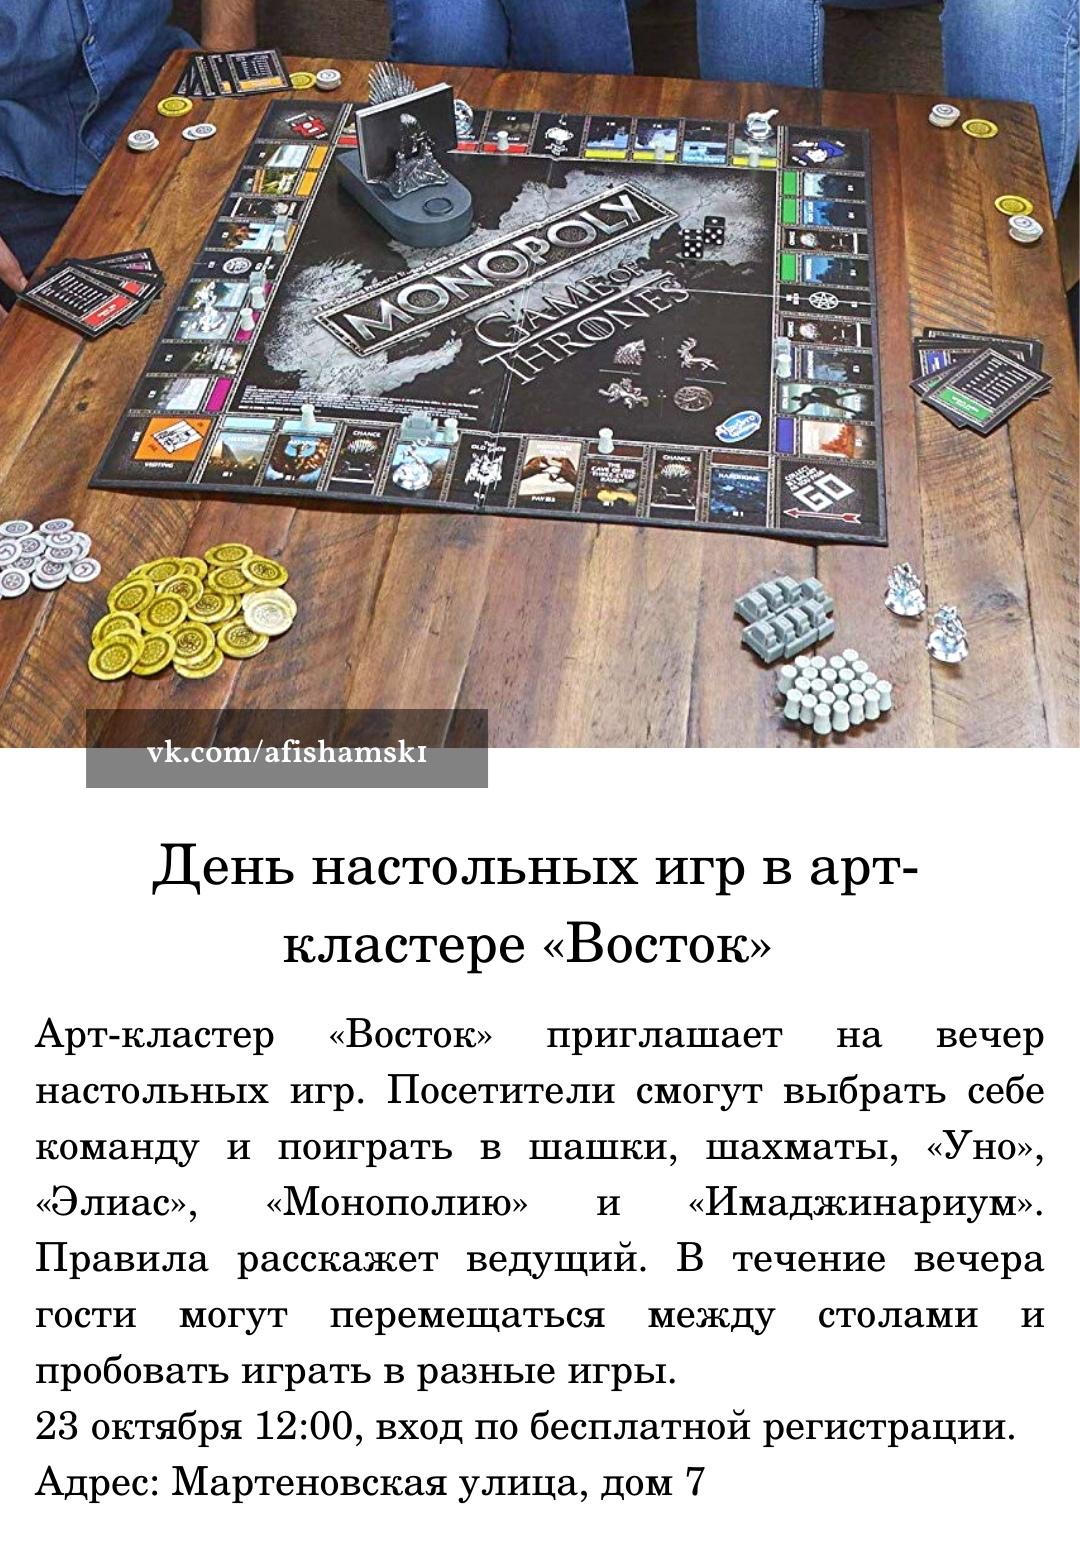 Пост Москвича номер #258022